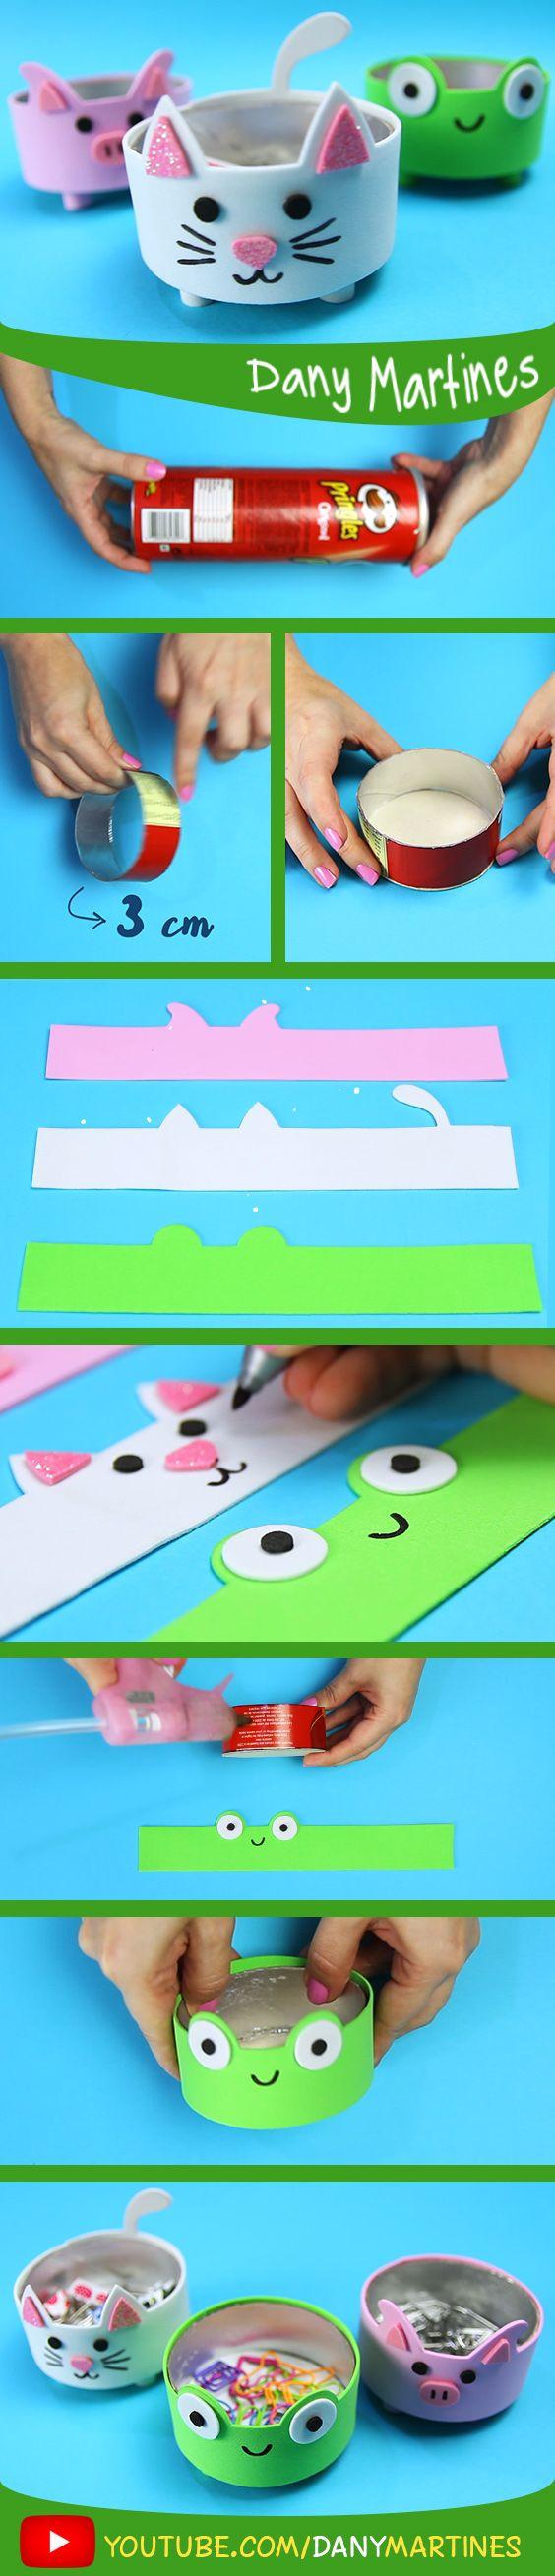 Faça você mesmo um organizador para coisas pequenas, de bichinhos kawaii, cute, super fofinhos, fofos, DIY, do it yourself, Dany Martines